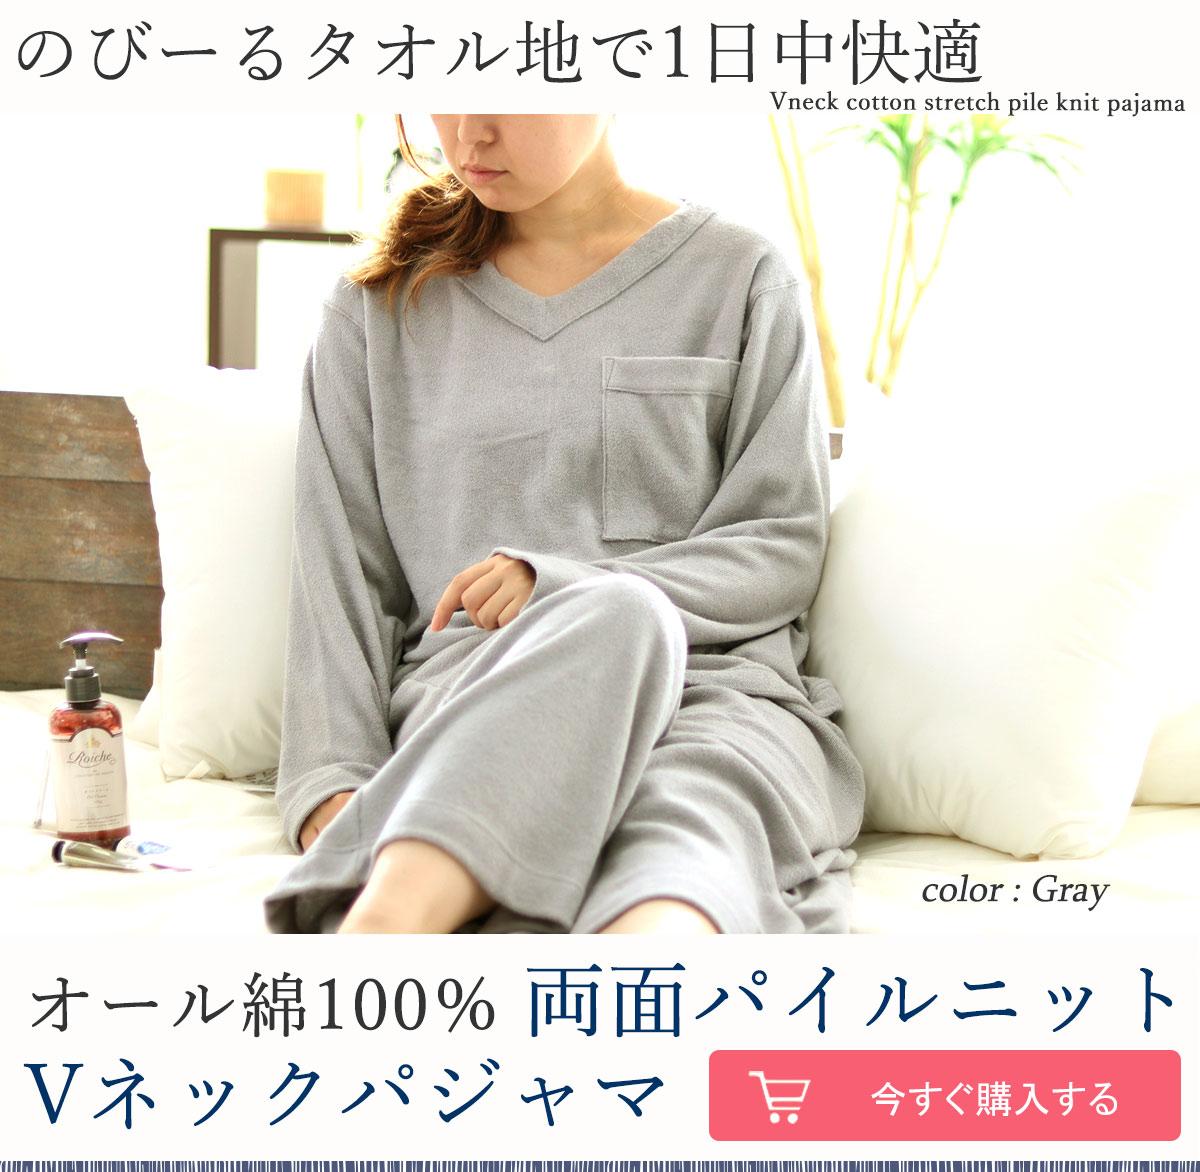 動きやすく吸汗性抜群、さらっと柔らかタオル地 パイルニットパジャマ